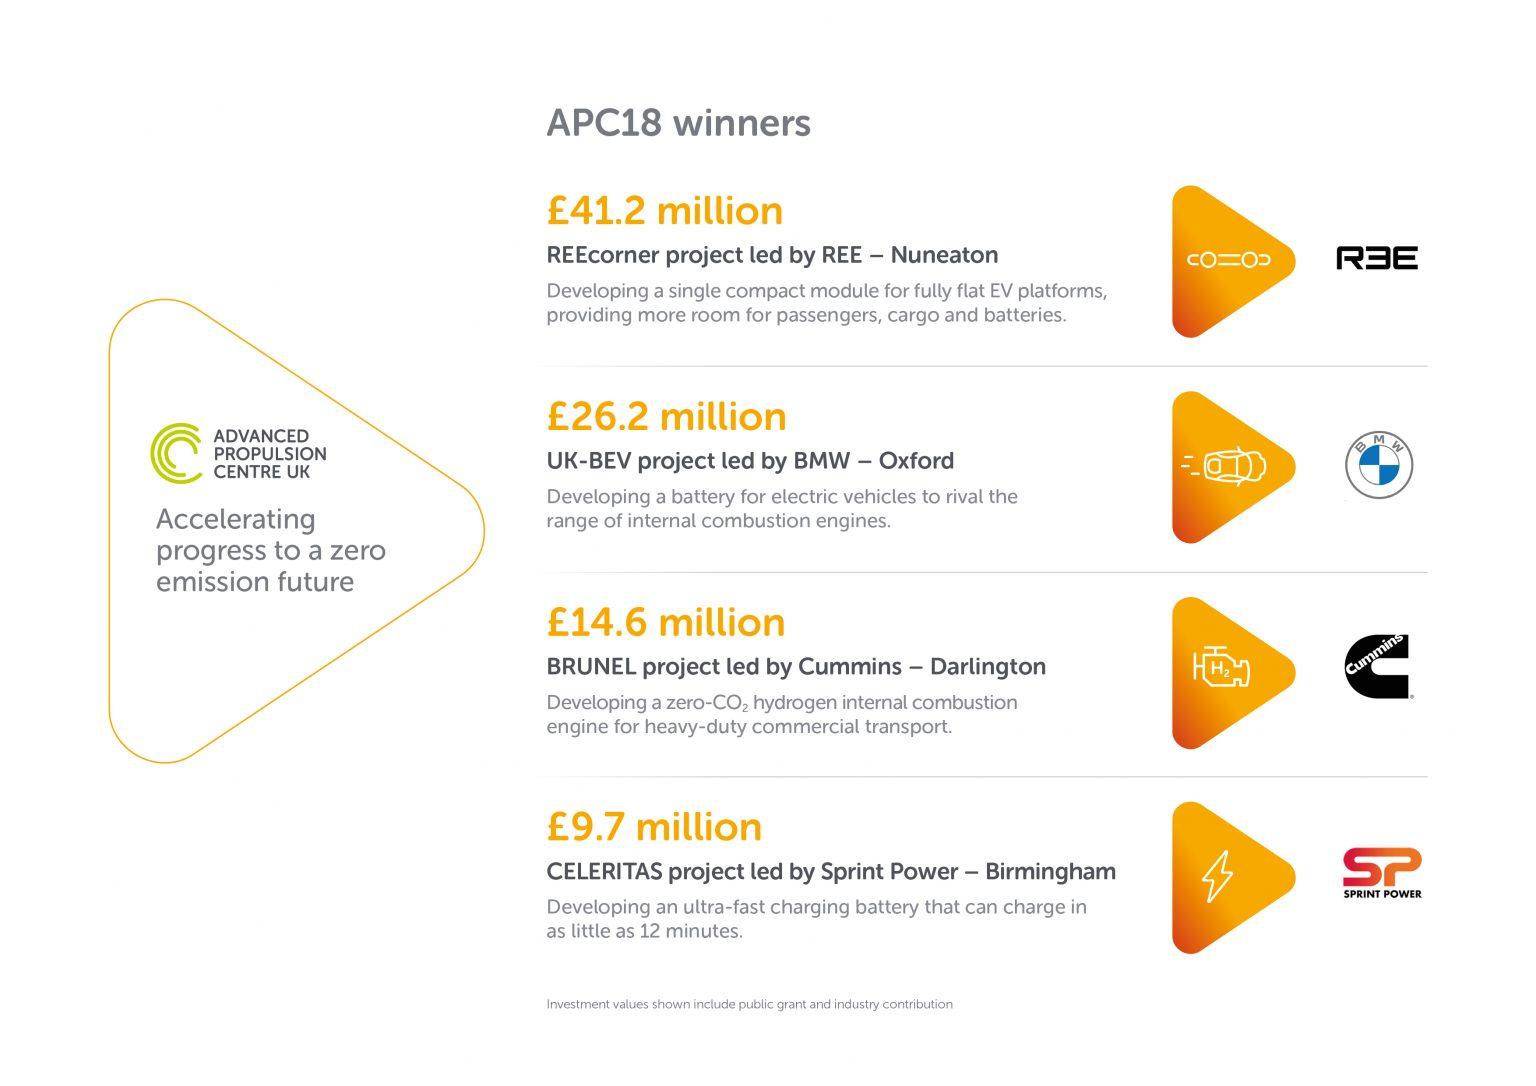 APC-18-funding-infographic. Image courtesy of APC